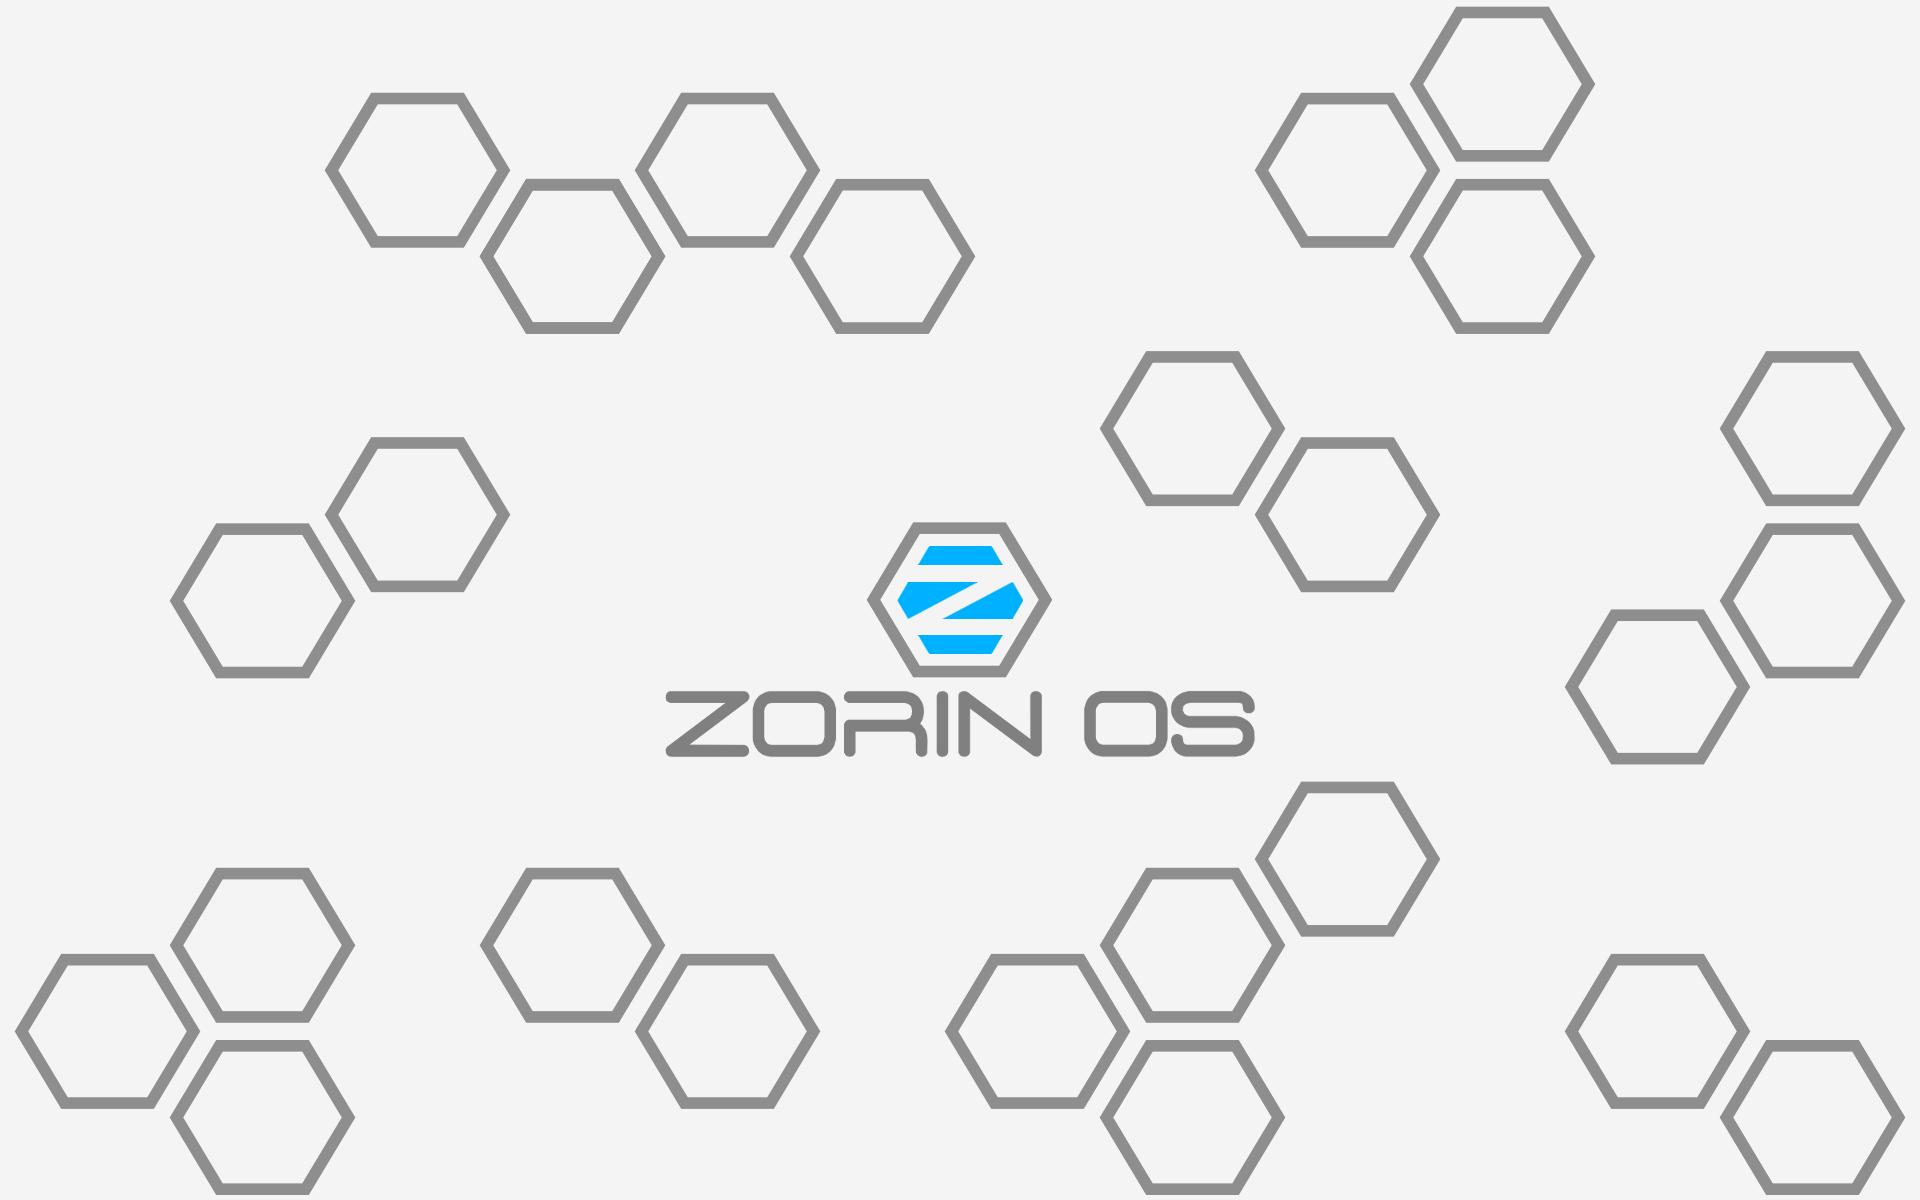 Linux Terbaru Zorin Os 10 Skyvroo Web